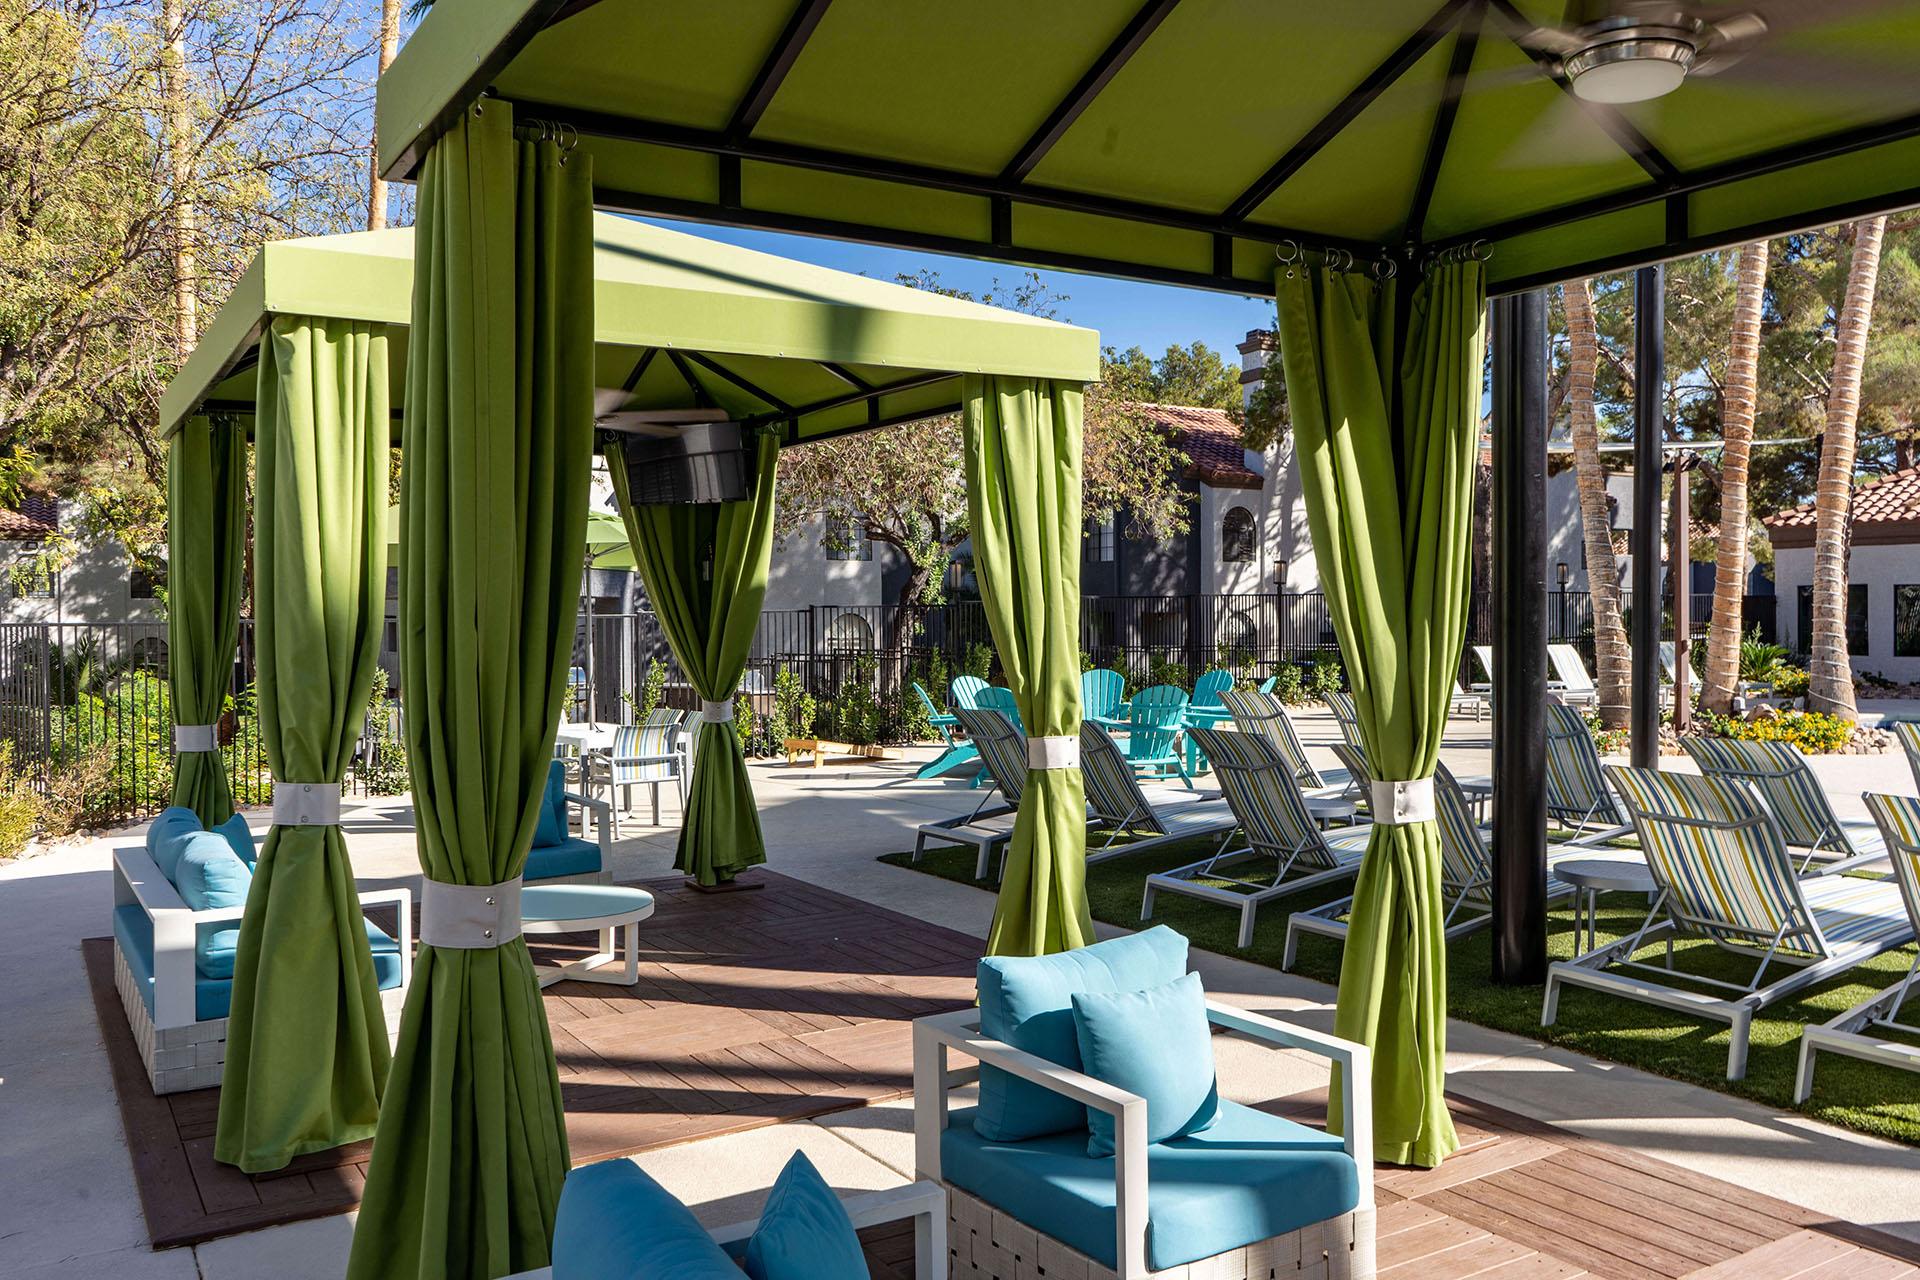 Interior Poolside Custom Cabanas by Metro Awnings of Las Vegas, Nevada